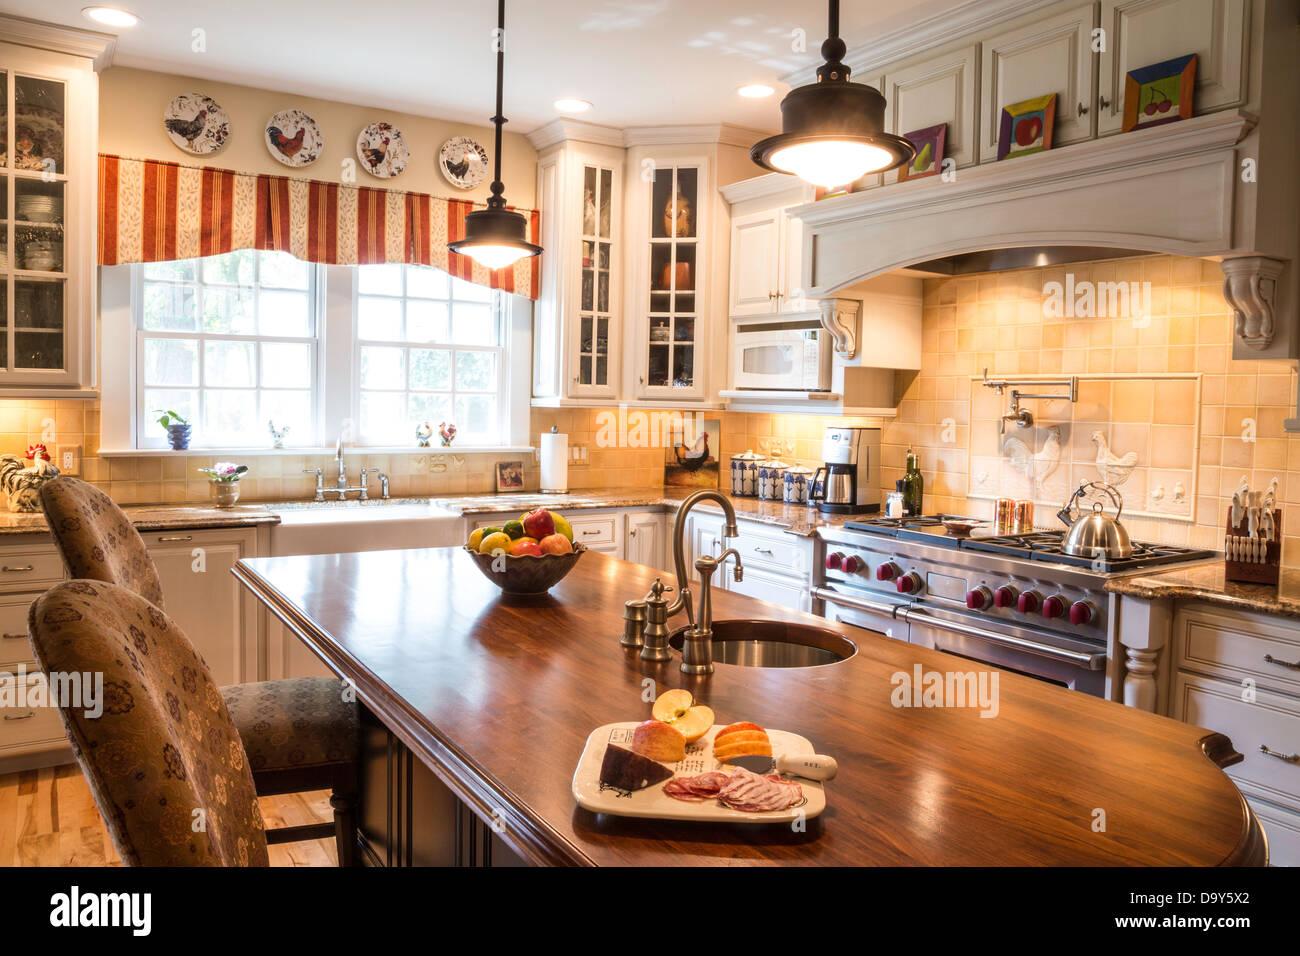 Cuisine Moderne De Luxe Showcase Usa Banque D Images Photo Stock